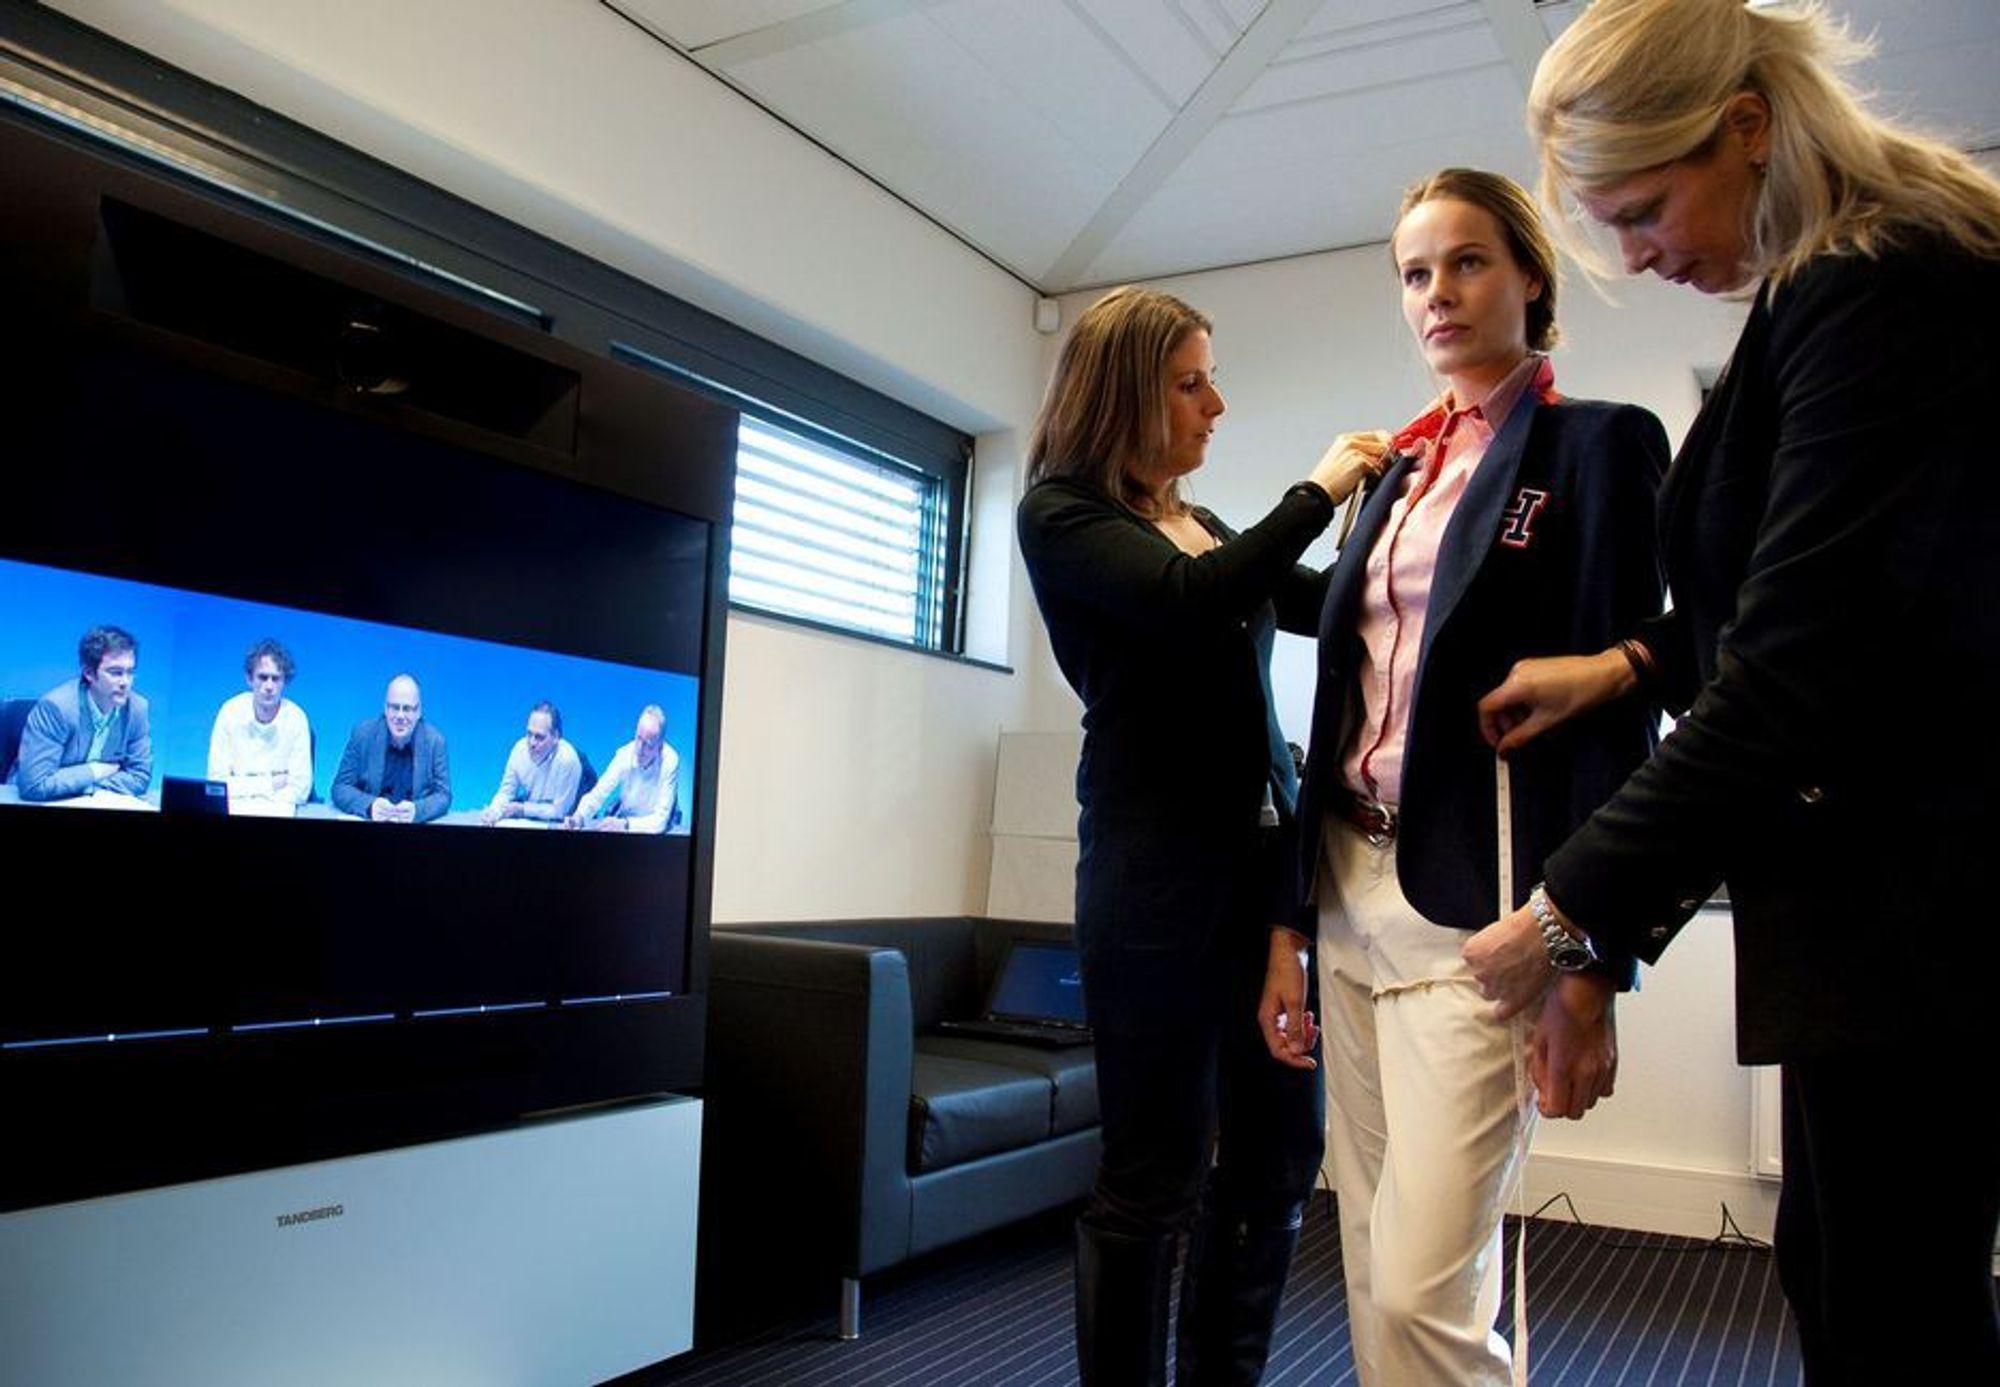 SPARER: Hilfiger satser på at designerne skal samarbeide virtuelt  på tvers av kontinentene og har installert en kombinasjon av av videokonferanse- og prøverom.